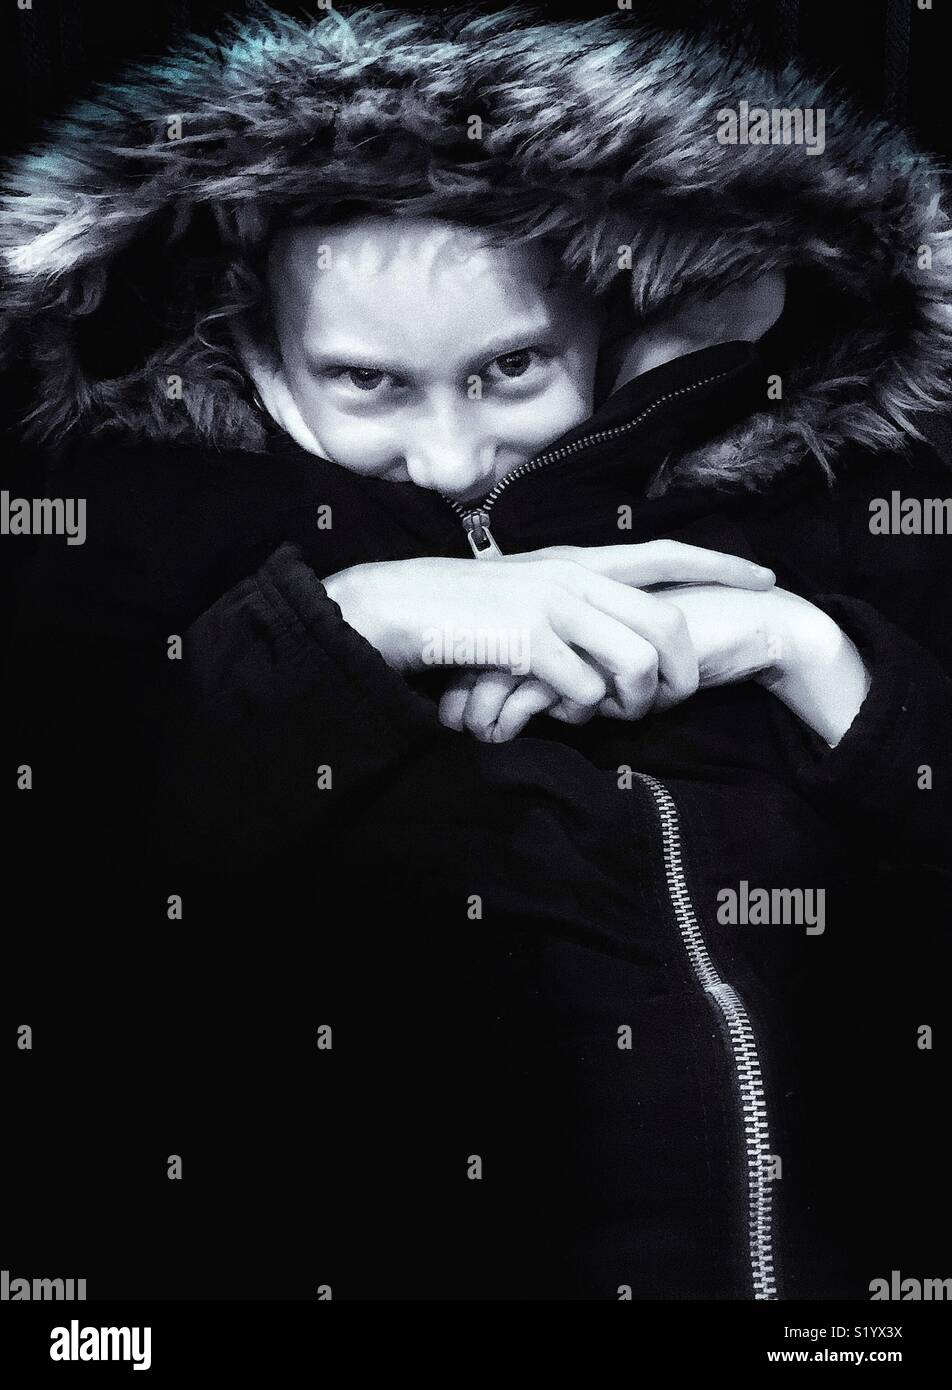 Joven acogedora y cálida en zip up chaqueta con capucha peluda Imagen De Stock